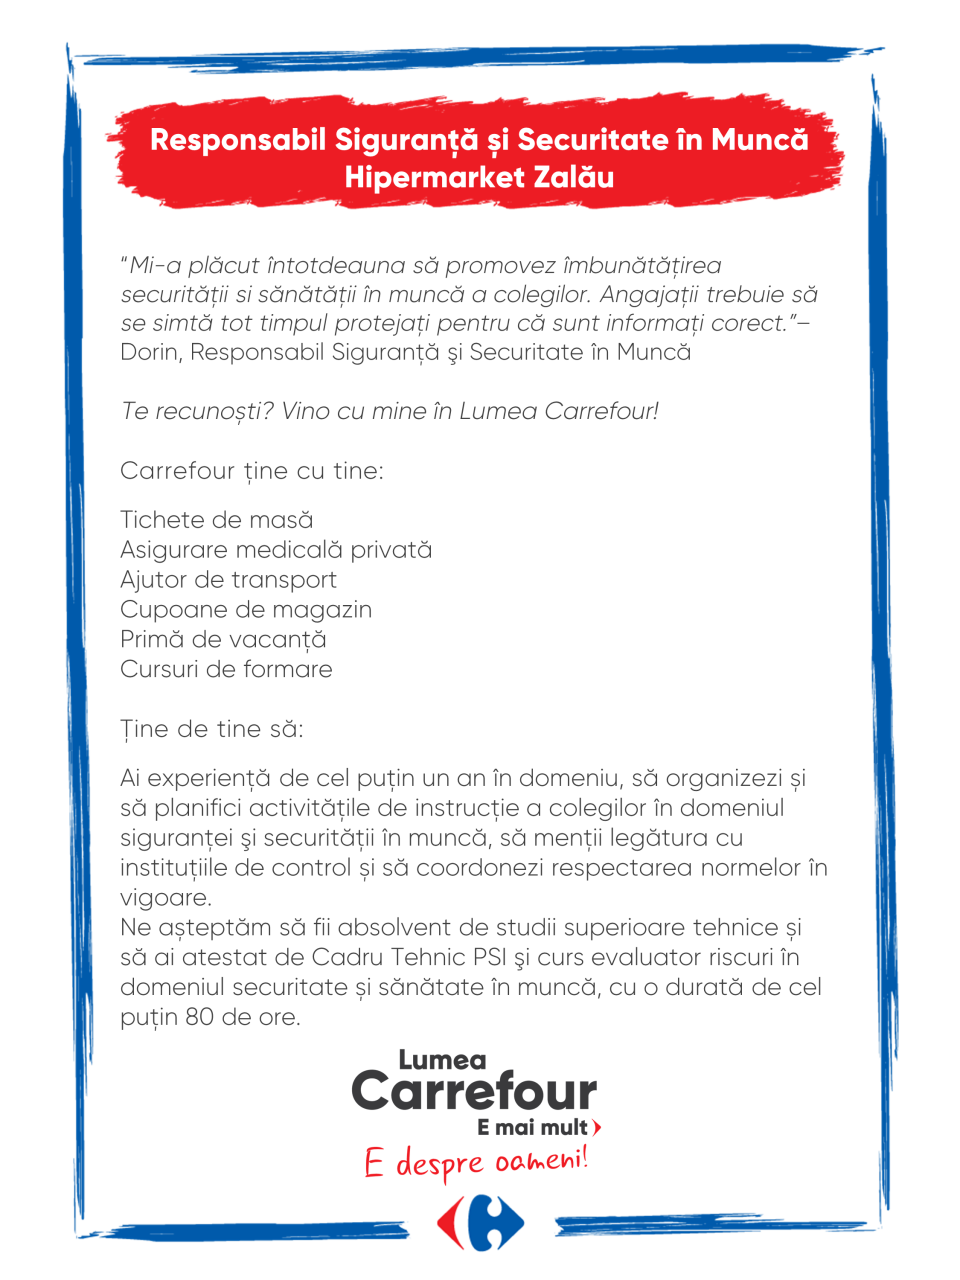 """Mi-a plăcut întotdeauna să promovez îmbunătăţirea securităţii si sănătăţii în muncă a colegilor. Angajaţii trebuie să se simtă tot timpul protejaţi pentru că sunt informaţi corect.""""– Dorin, Responsabil Siguranţă şi Securitate în Muncă  Te recunoști? Vino cu mine în Lumea Carrefour!  Carrefour ține cu tine:  Tichete de masă Asigurare medicală privată Ajutor de transport Cupoane de magazin Primă de vacanță Cursuri de formare  Ţine de tine să:  Ai experiență de cel puţin un an în domeniu, să organizezi și să planifici activitățile de instrucţie a colegilor în domeniul siguranţei şi securităţii în muncă, să menții legătura cu instituțiile de control și să coordonezi respectarea normelor în vigoare. Ne așteptăm să fii absolvent de studii superioare tehnice și să ai atestat de Cadru Tehnic PSI şi curs evaluator riscuri în domeniul securitate și sănătate în muncă, cu o durată de cel puţin 80 de ore. Mi-a plăcut întotdeauna să promovez îmbunătăţirea securităţii si sănătăţii în muncă a colegilor. Angajaţii trebuie să se simtă tot timpul protejaţi pentru că sunt informaţi corect.""""– Dorin, Responsabil Siguranţă şi Securitate în Muncă  Te recunoști? Vino cu mine în Lumea Carrefour!  Carrefour ține cu tine:  Tichete de masă Asigurare medicală privată Ajutor de transport Cupoane de magazin Primă de vacanță Cursuri de formare  Ţine de tine să:  Ai experiență de cel puţin un an în domeniu, să organizezi și să planifici activitățile de instrucţie a colegilor în domeniul siguranţei şi securităţii în muncă, să menții legătura cu instituțiile de control și să coordonezi respectarea normelor în vigoare. Ne așteptăm să fii absolvent de studii superioare tehnice și să ai atestat de Cadru Tehnic PSI şi curs evaluator riscuri în domeniul securitate și sănătate în muncă, cu o durată de cel puţin 80 de ore.  protectia muncii ssm psi atestat Lumea Carrefour e mai mult. E despre oameni!Lumea noastră? E despre prietenia fără vârstă și bucuria de a fi buni în ceea ce facem. Despre diversitatea me"""